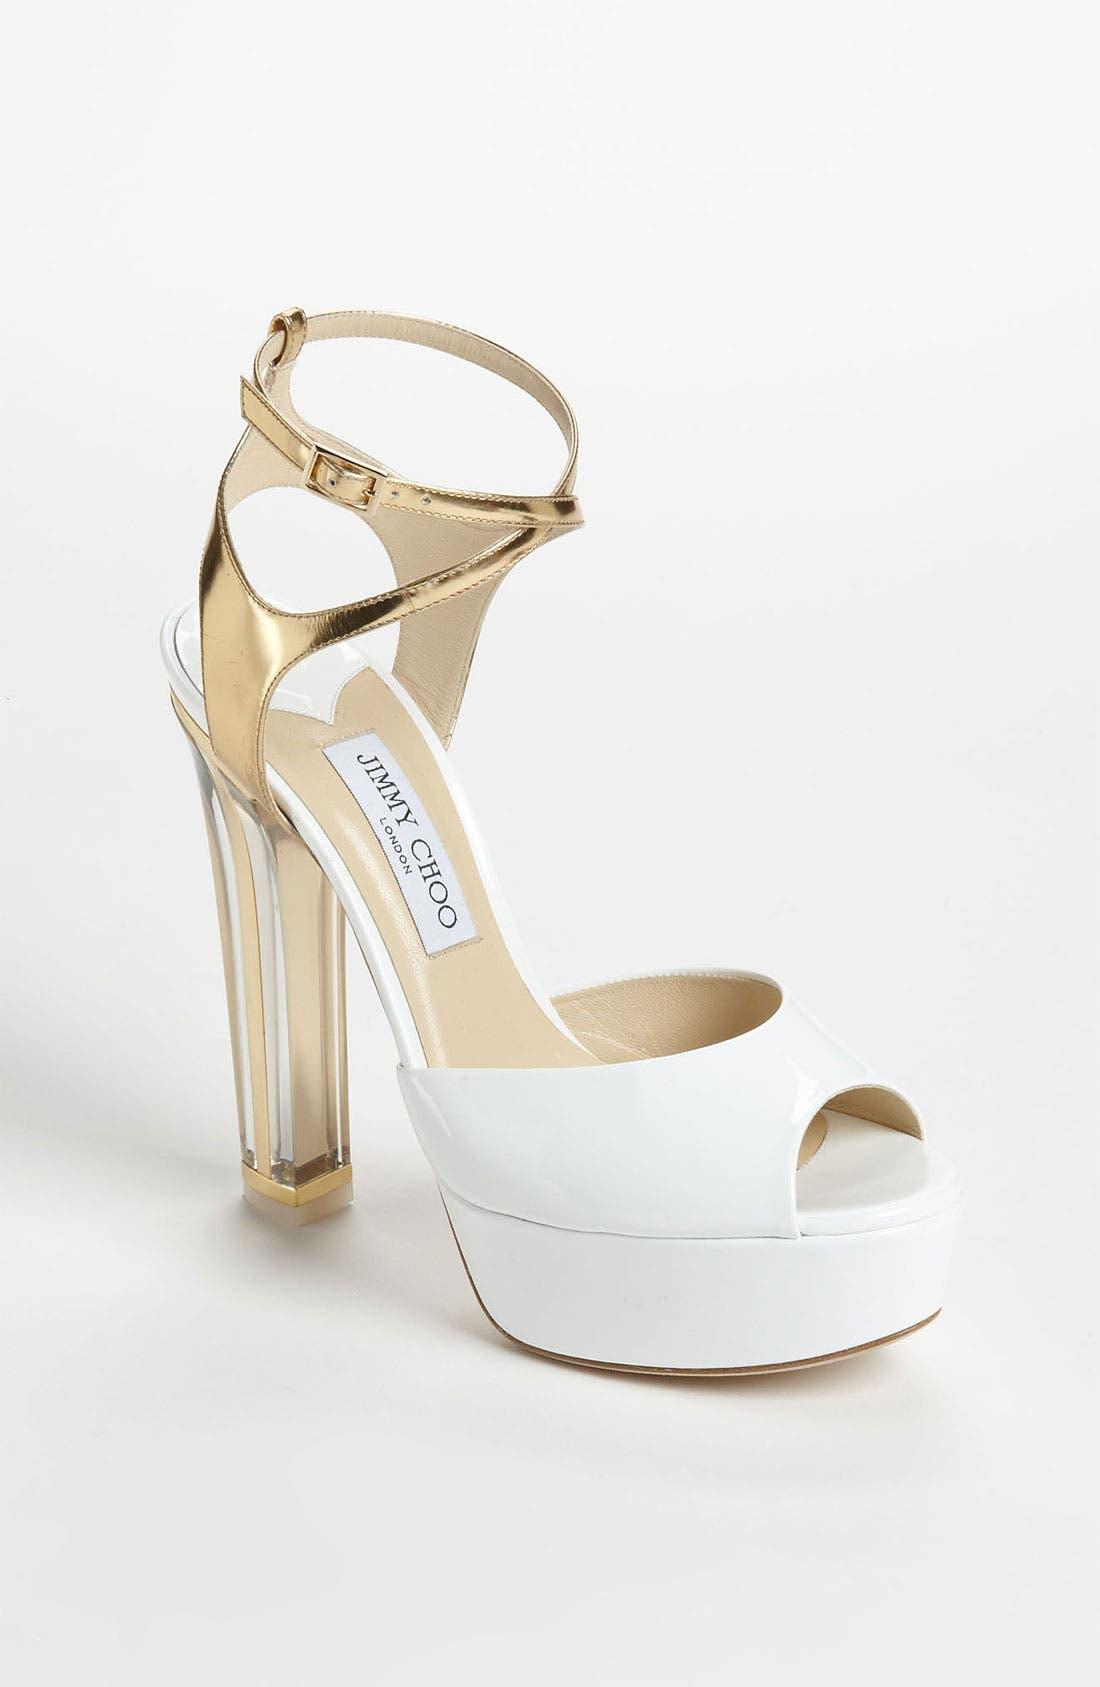 Main Image - Jimmy Choo 'Lolita' Platform Sandal